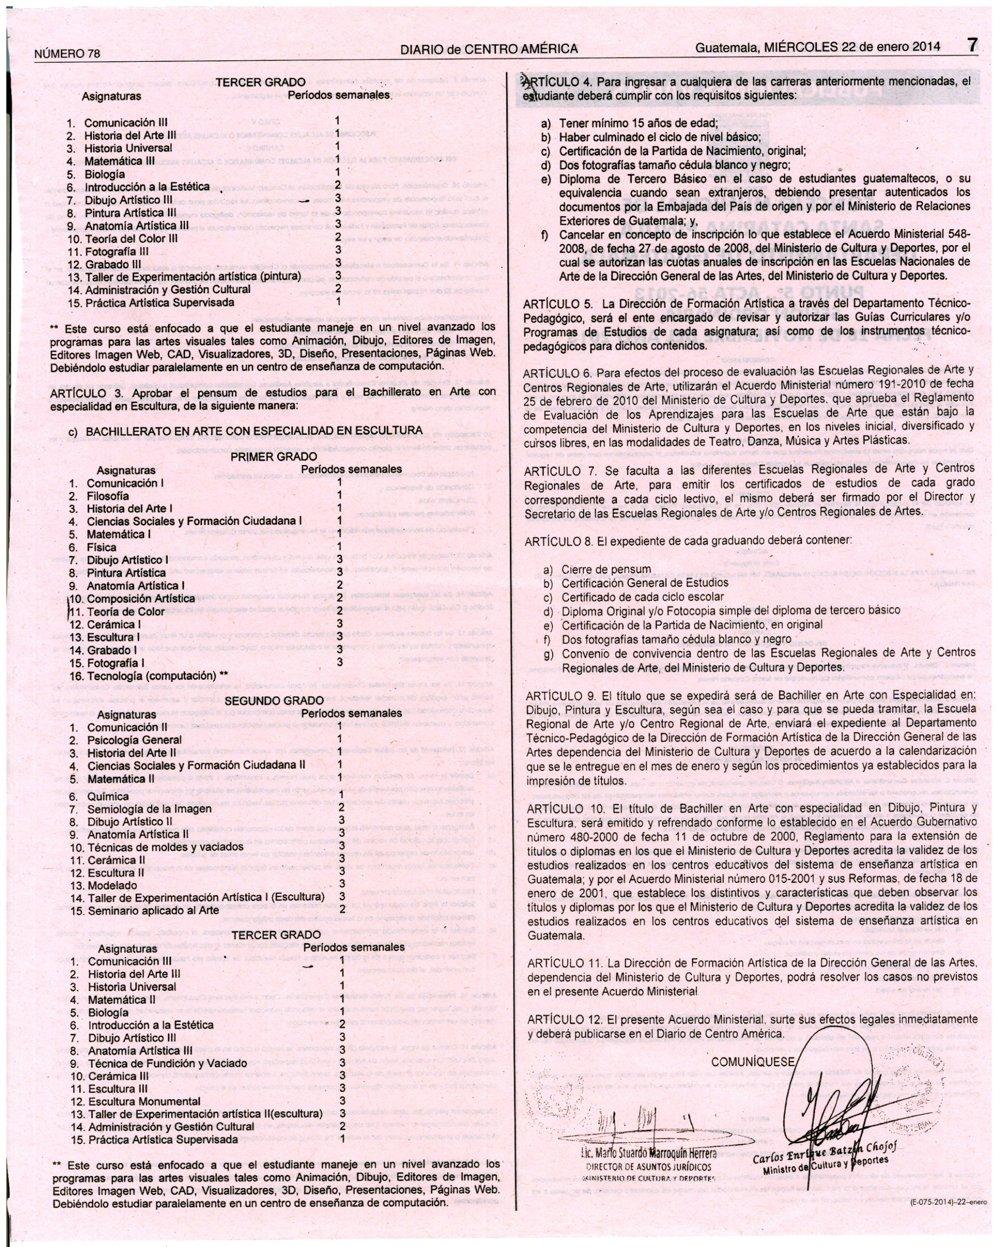 Acuerdo Ministerial 1143-2013-IMPLEMENTACIÓN DE LAS CARRERAS DE BACHILLERATO EN ARTE-1 copy